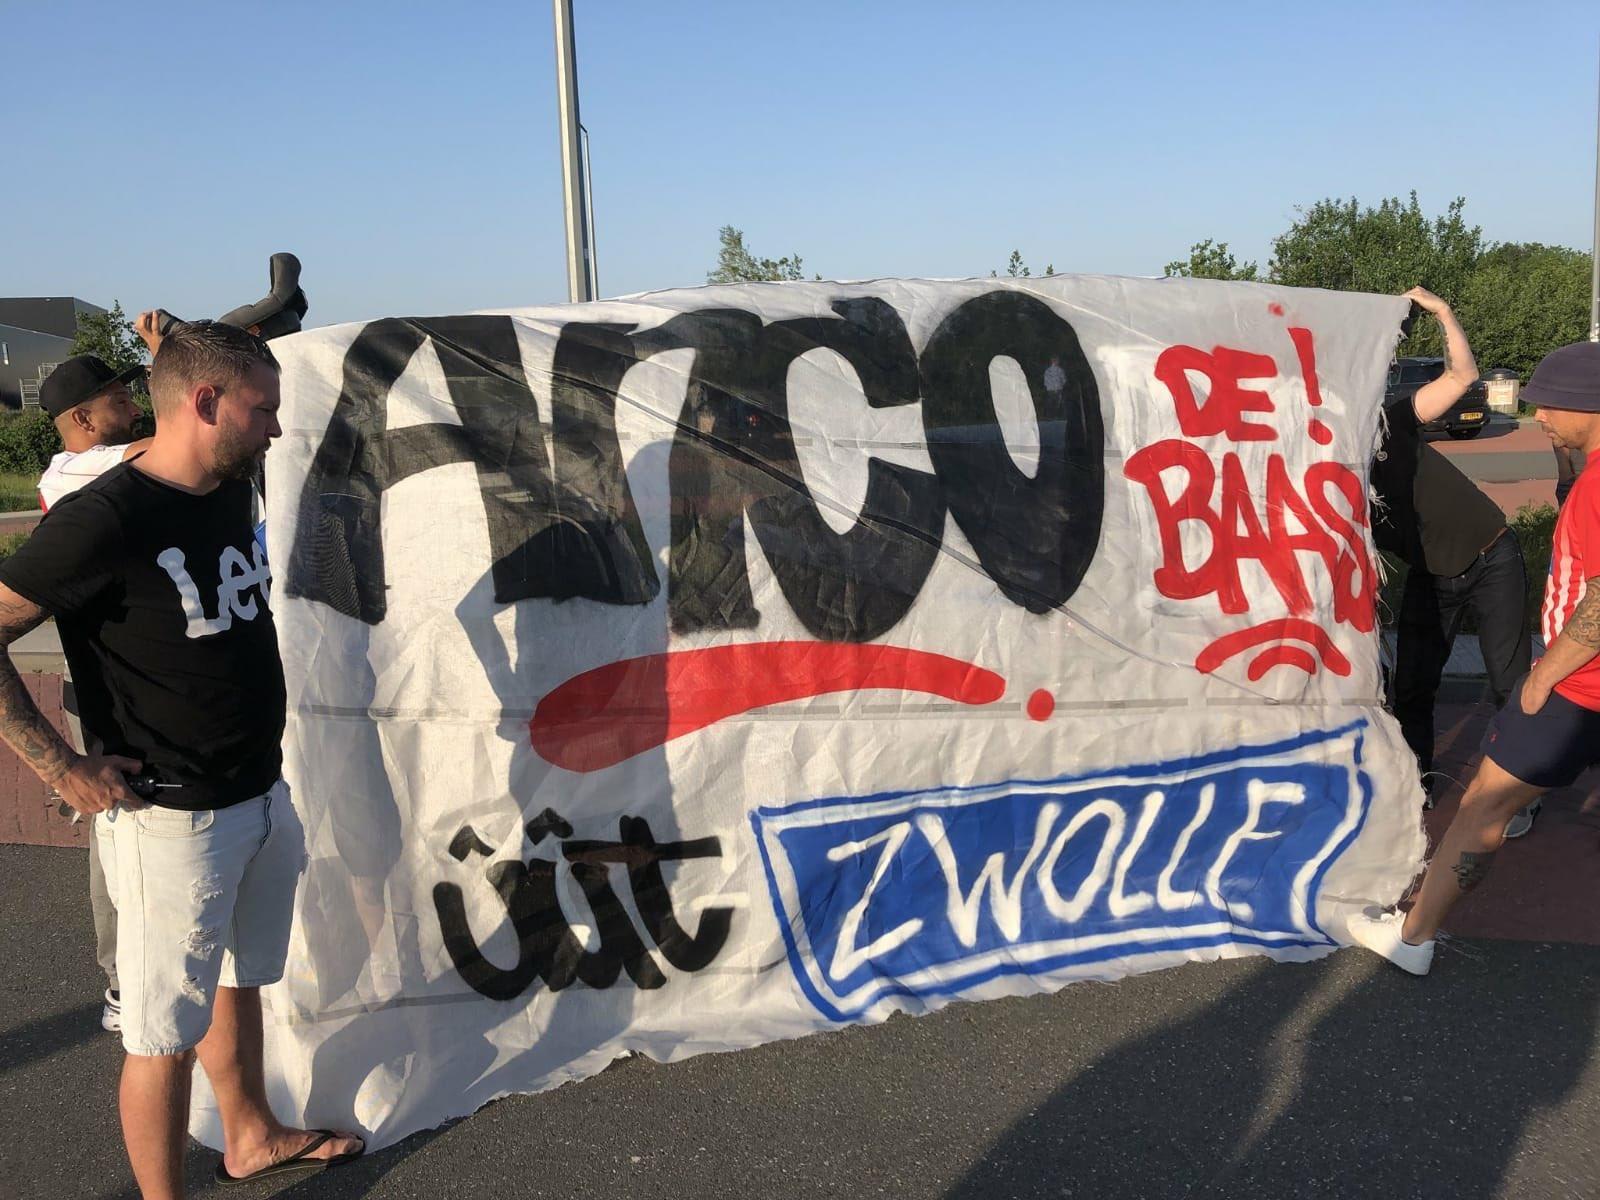 Feestje met @AncoJansen ergens tussen Zwolle en Staphorst. Welkom @FC_Emmen  in de eredivisie met onze @AncoJansen https://t.co/wD7PhHeaEY